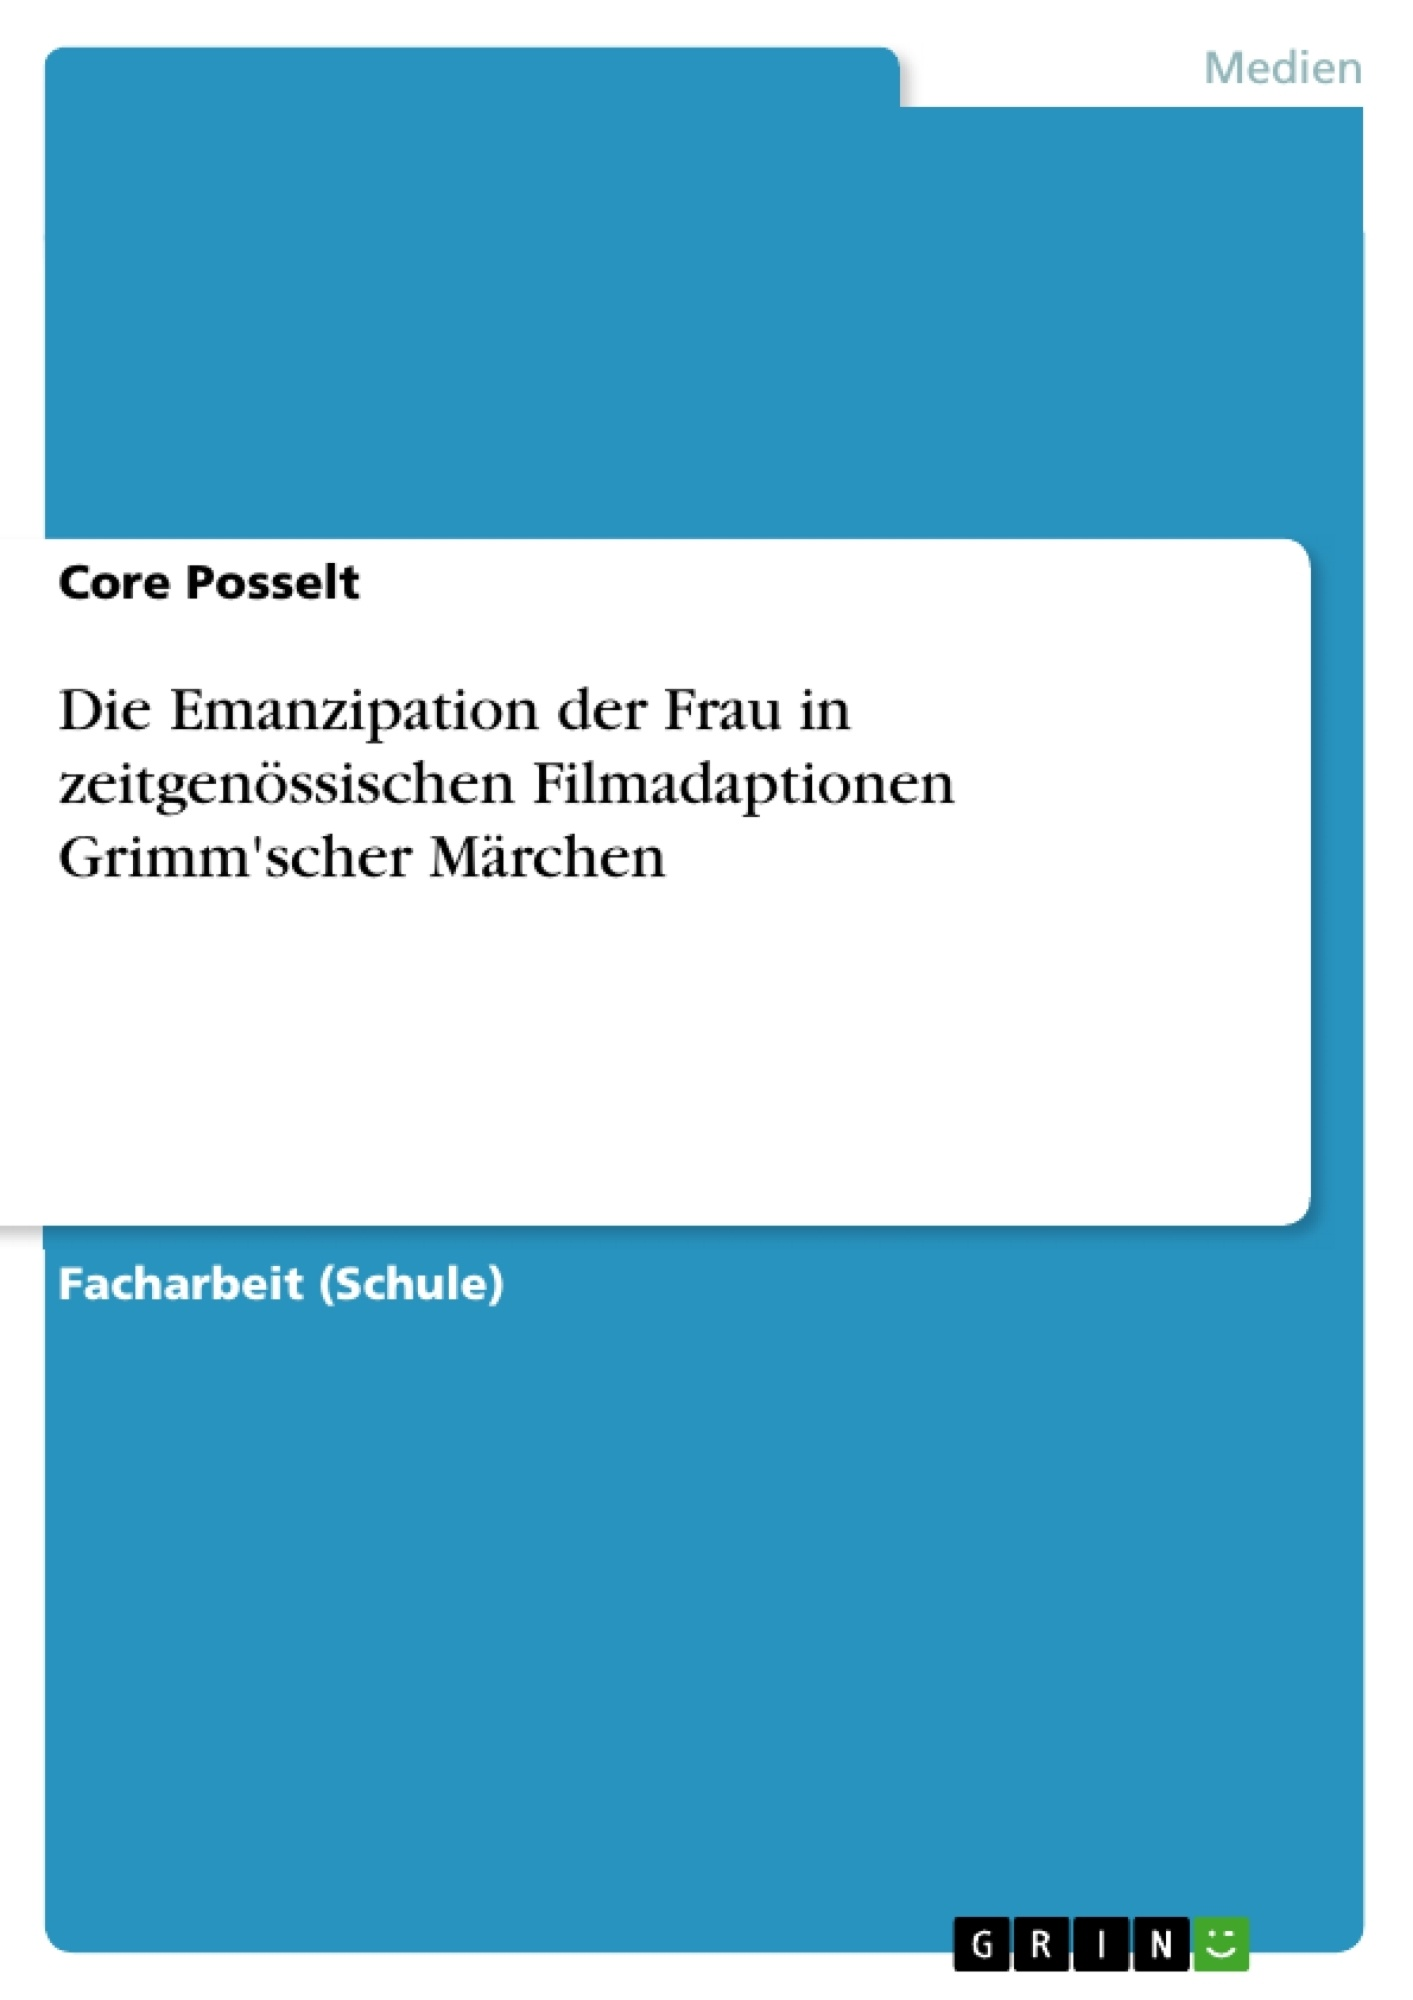 Titel: Die Emanzipation der Frau in zeitgenössischen Filmadaptionen Grimm'scher Märchen